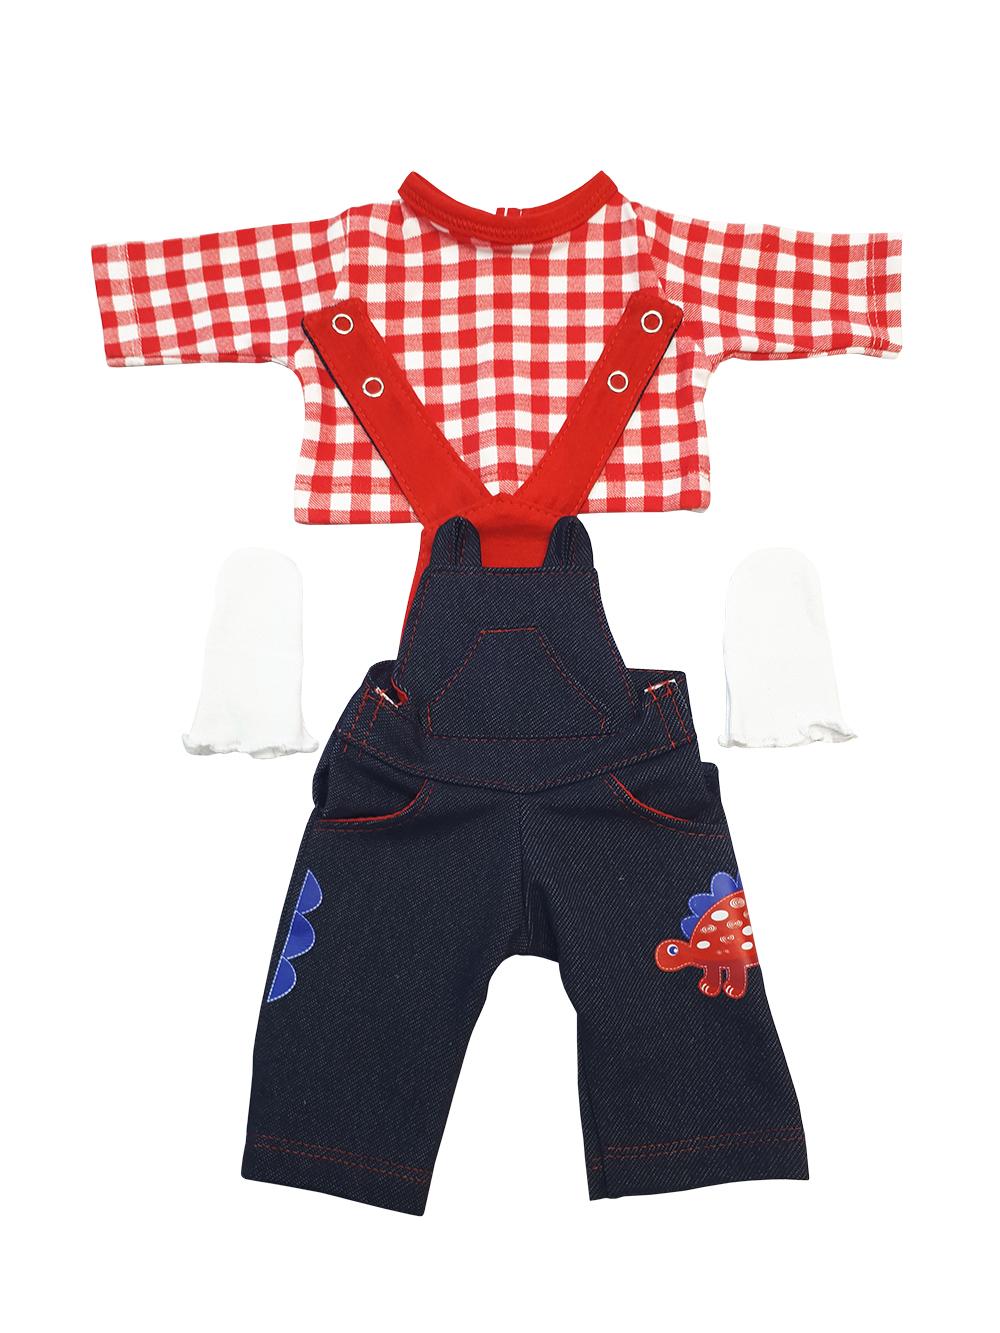 Набор одежды для кукол КоЛибри Комбинезон Колибри 310 синий красный белый фото